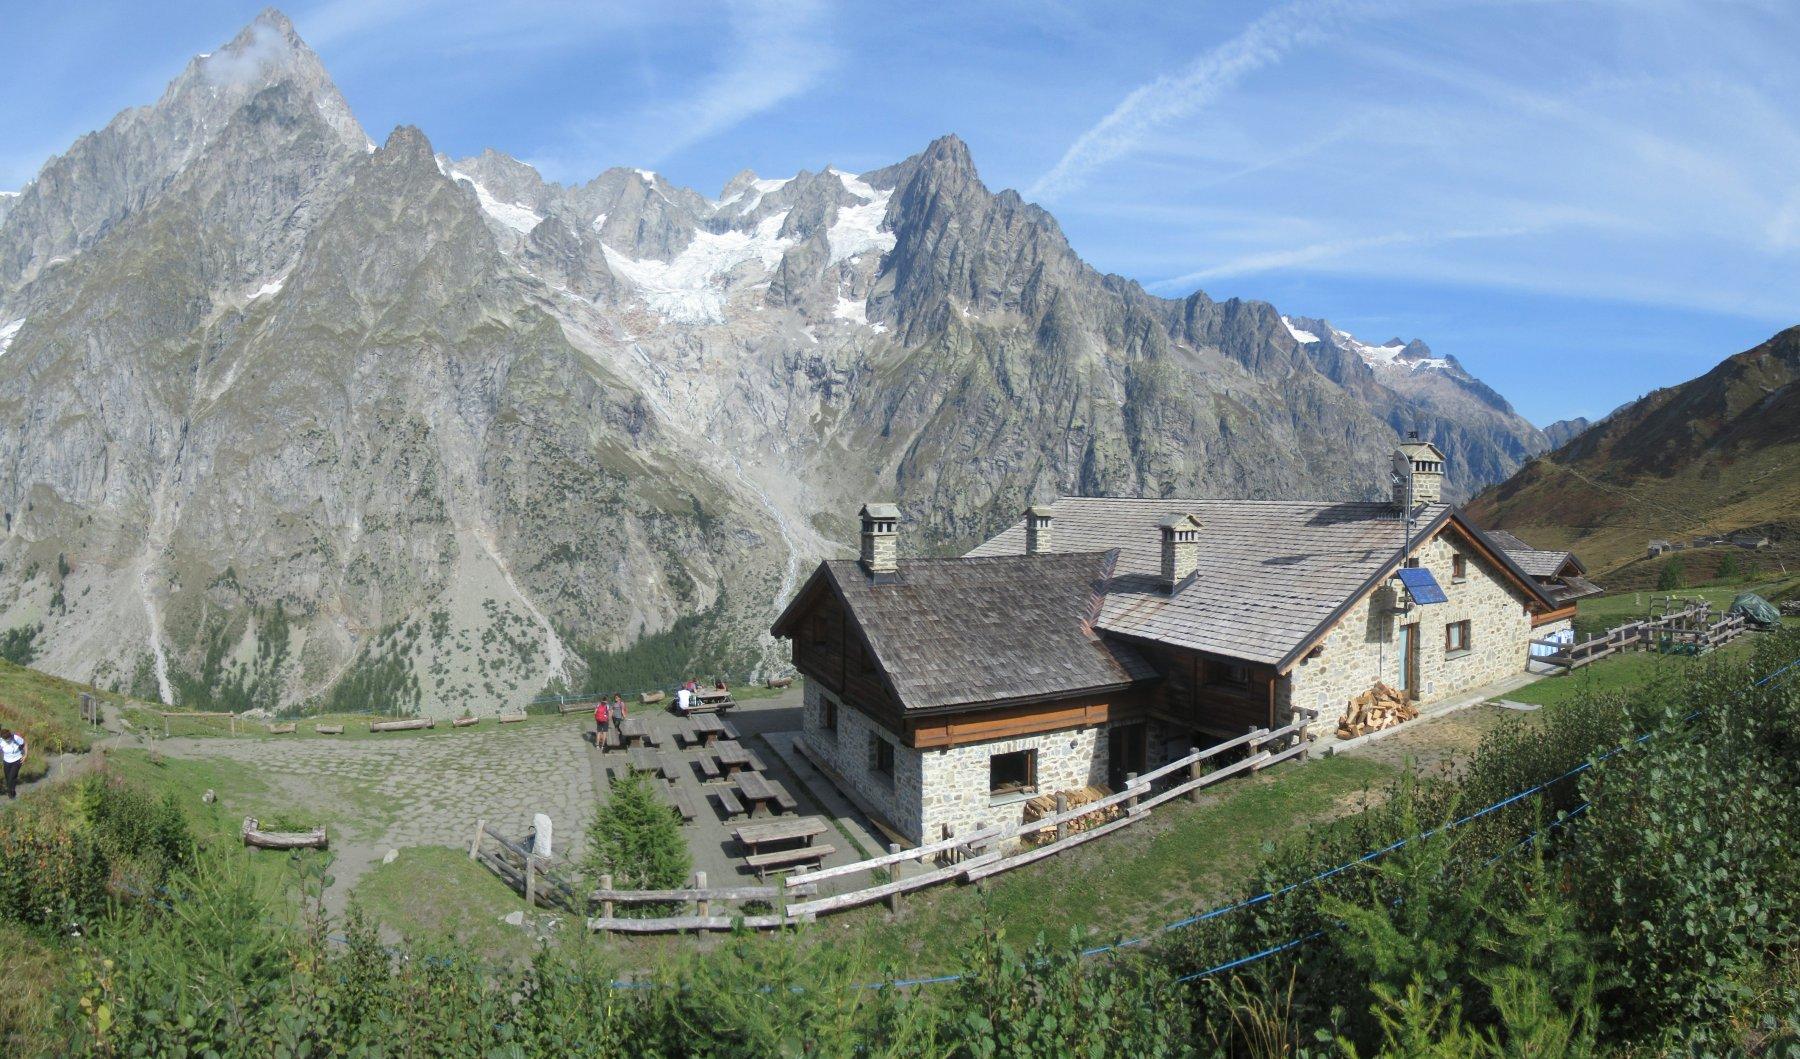 Bonatti Walter (Rifugio) da Lavachey 2019-09-15